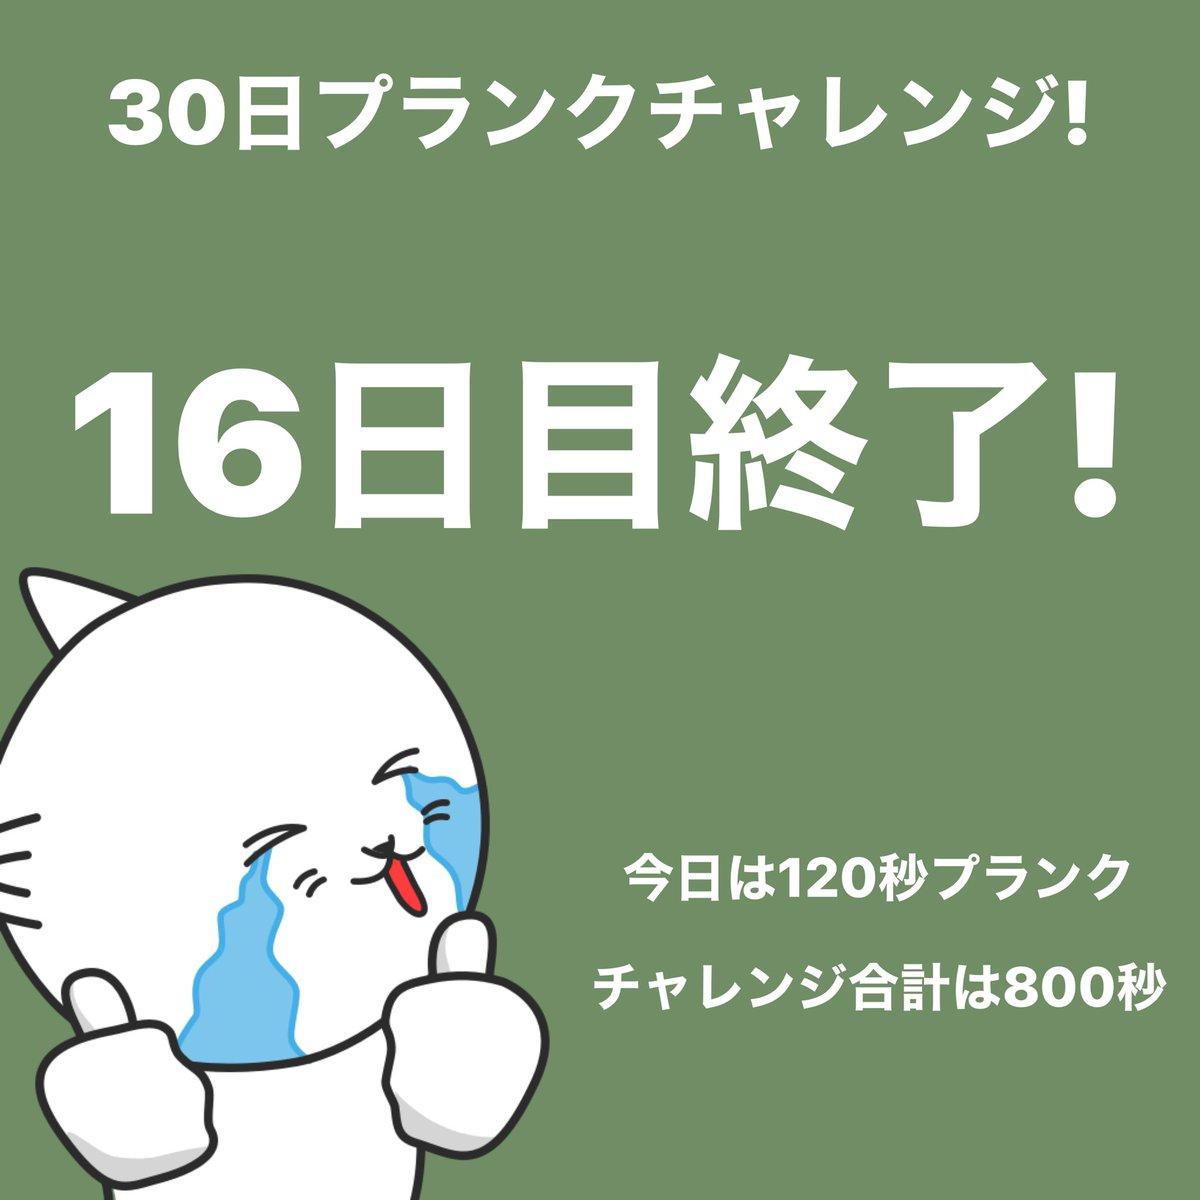 #プランクチャレンジ 16日目終了!今日は120秒プランクしました。 #30日チャレンジ